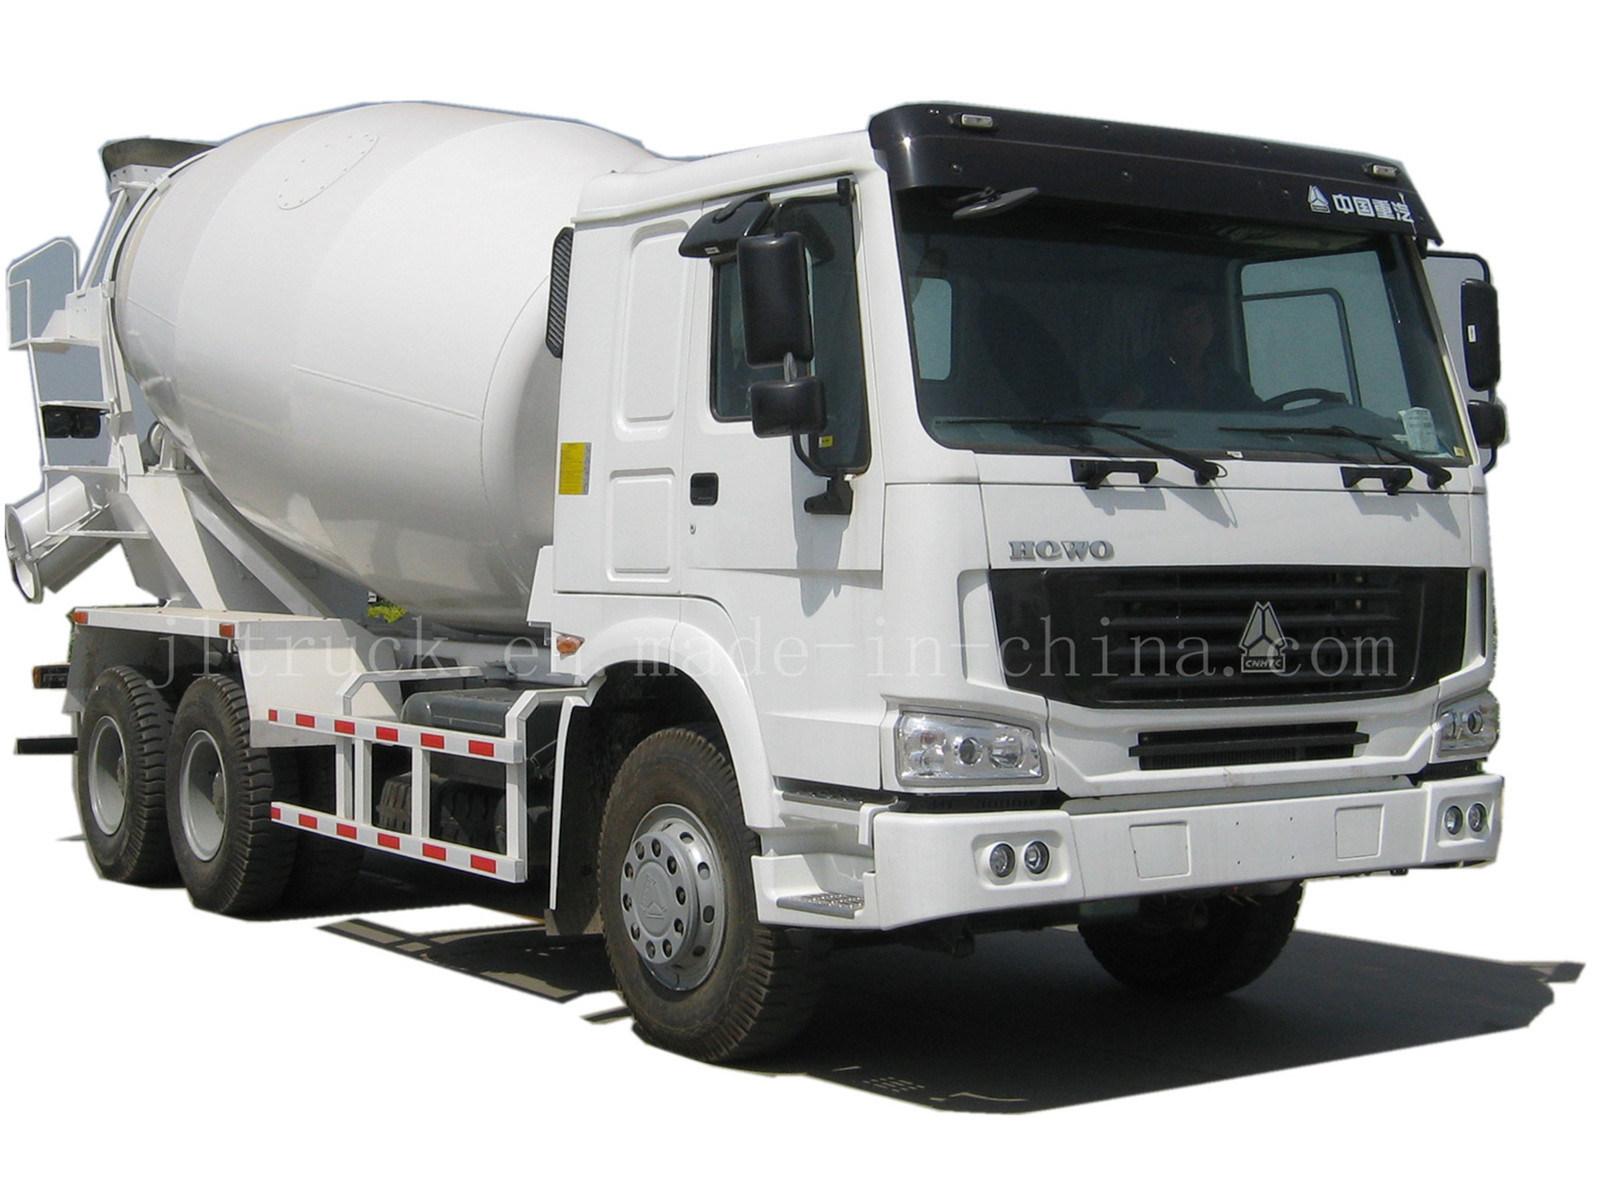 Caminh o 6x4 do misturador concreto de howo zzhws - Mezcladora de cemento ...